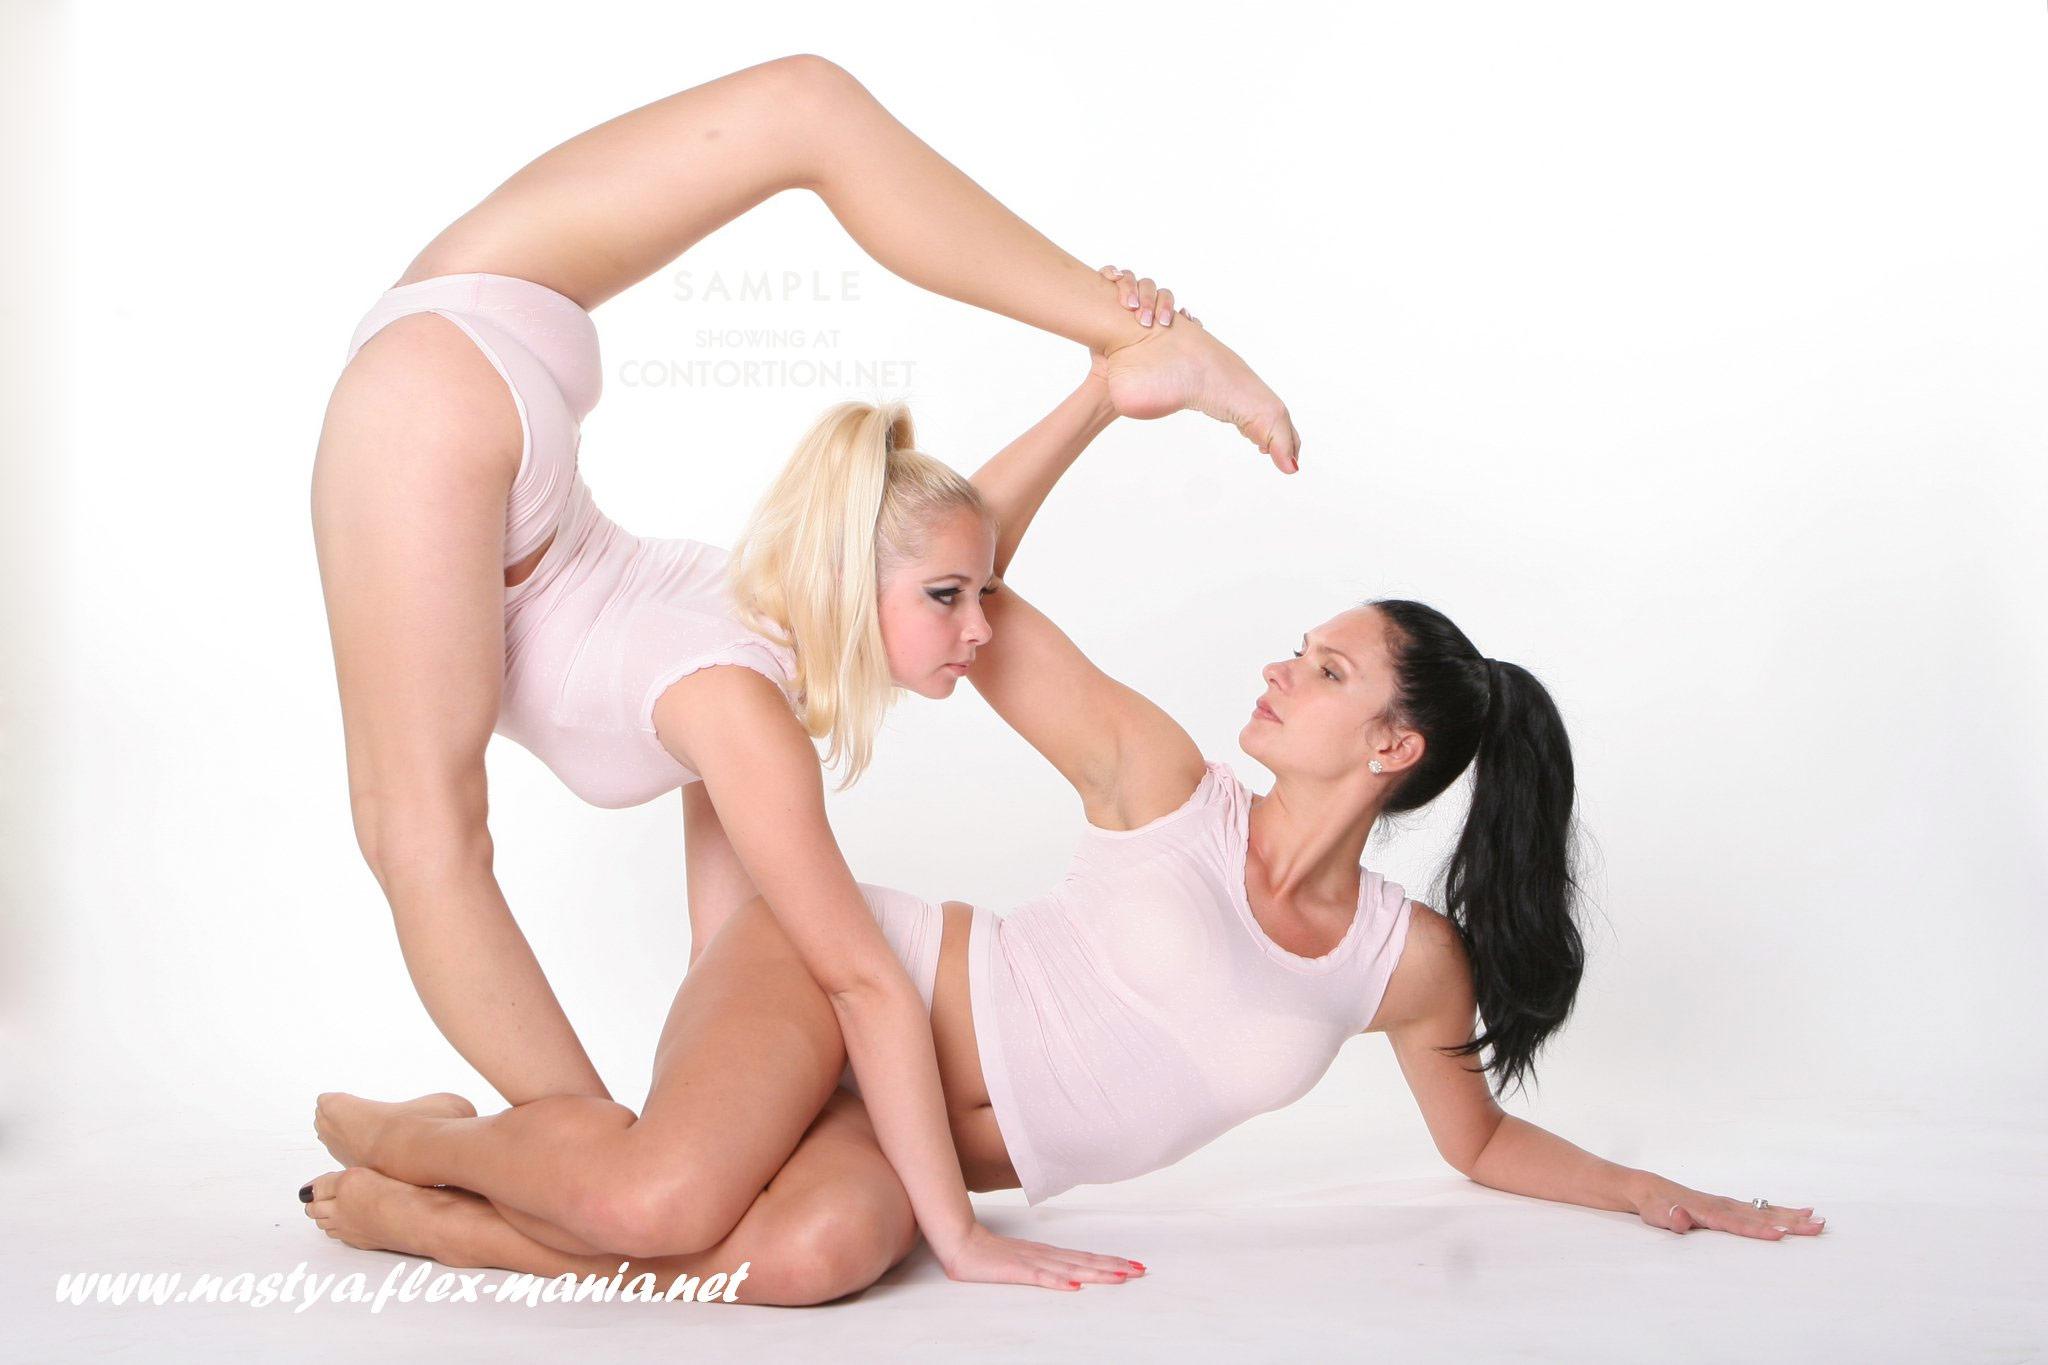 Spandex in flexy women